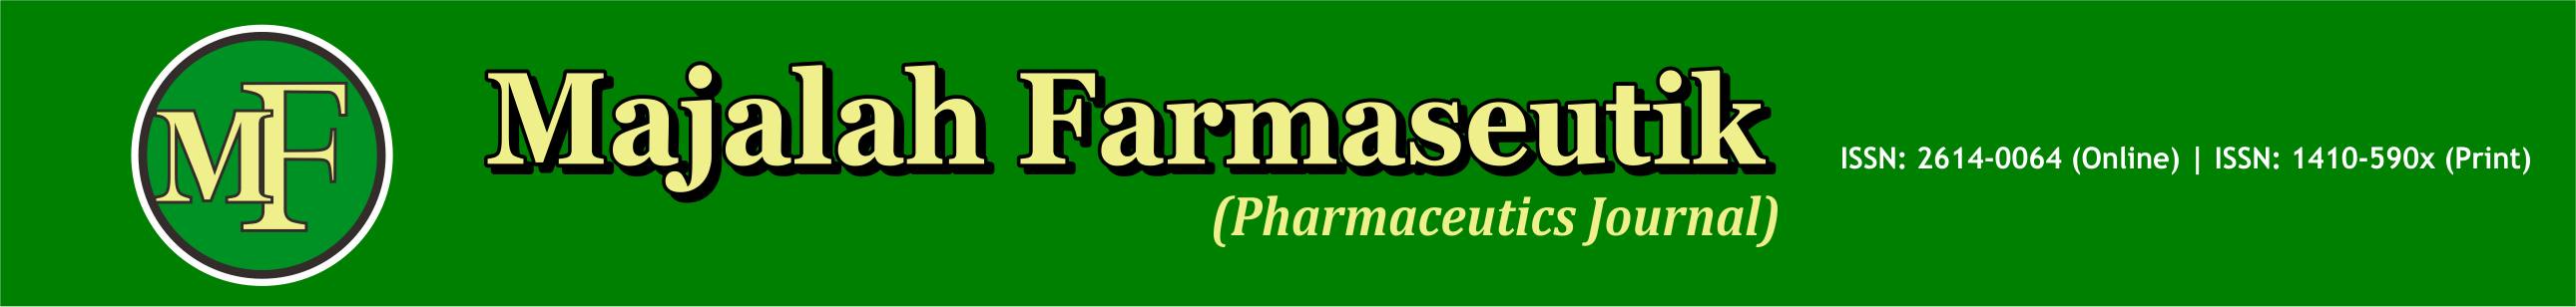 Majalah Farmaseutik